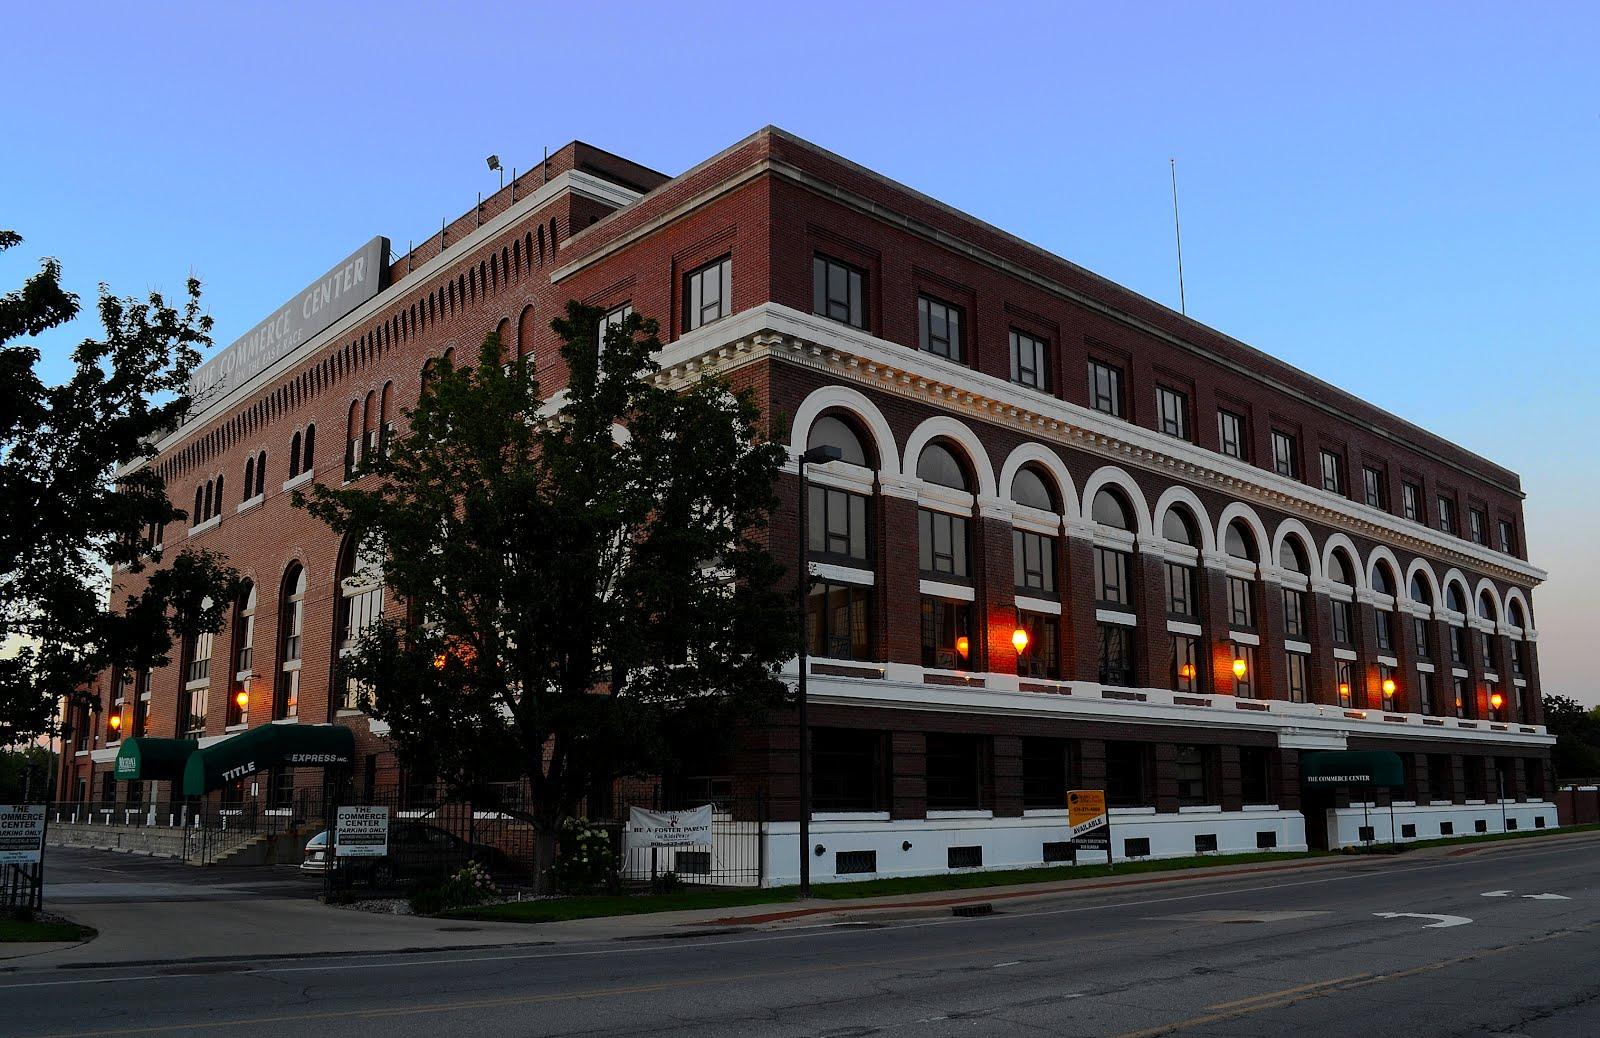 The Commerce Center